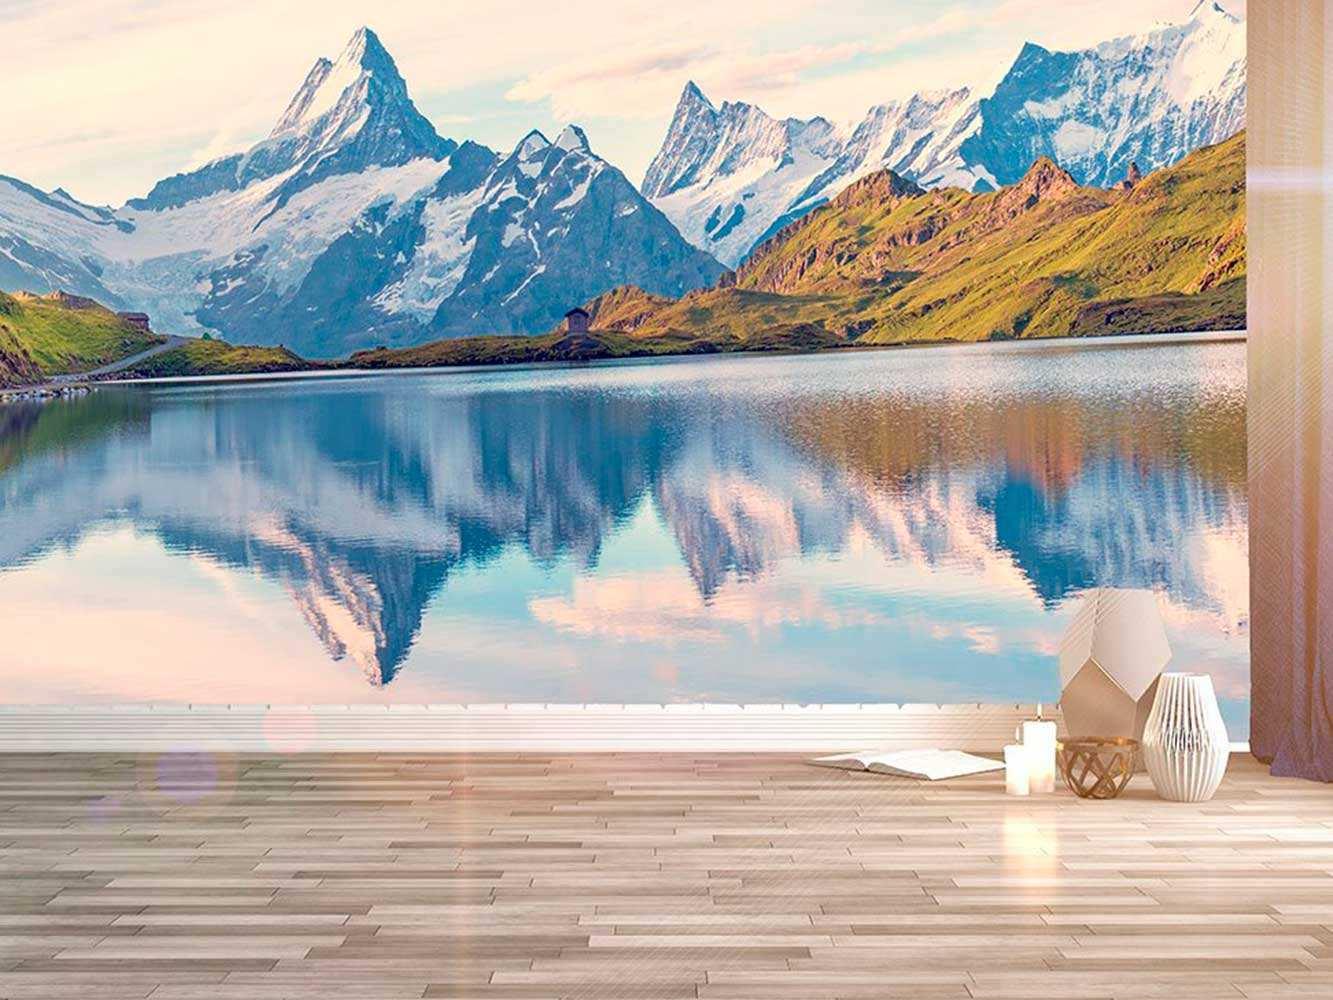 Fotomural Papel Pintado Montañas Alpes Suizos | Carteles XXL - Impresión carteleria publicitaria